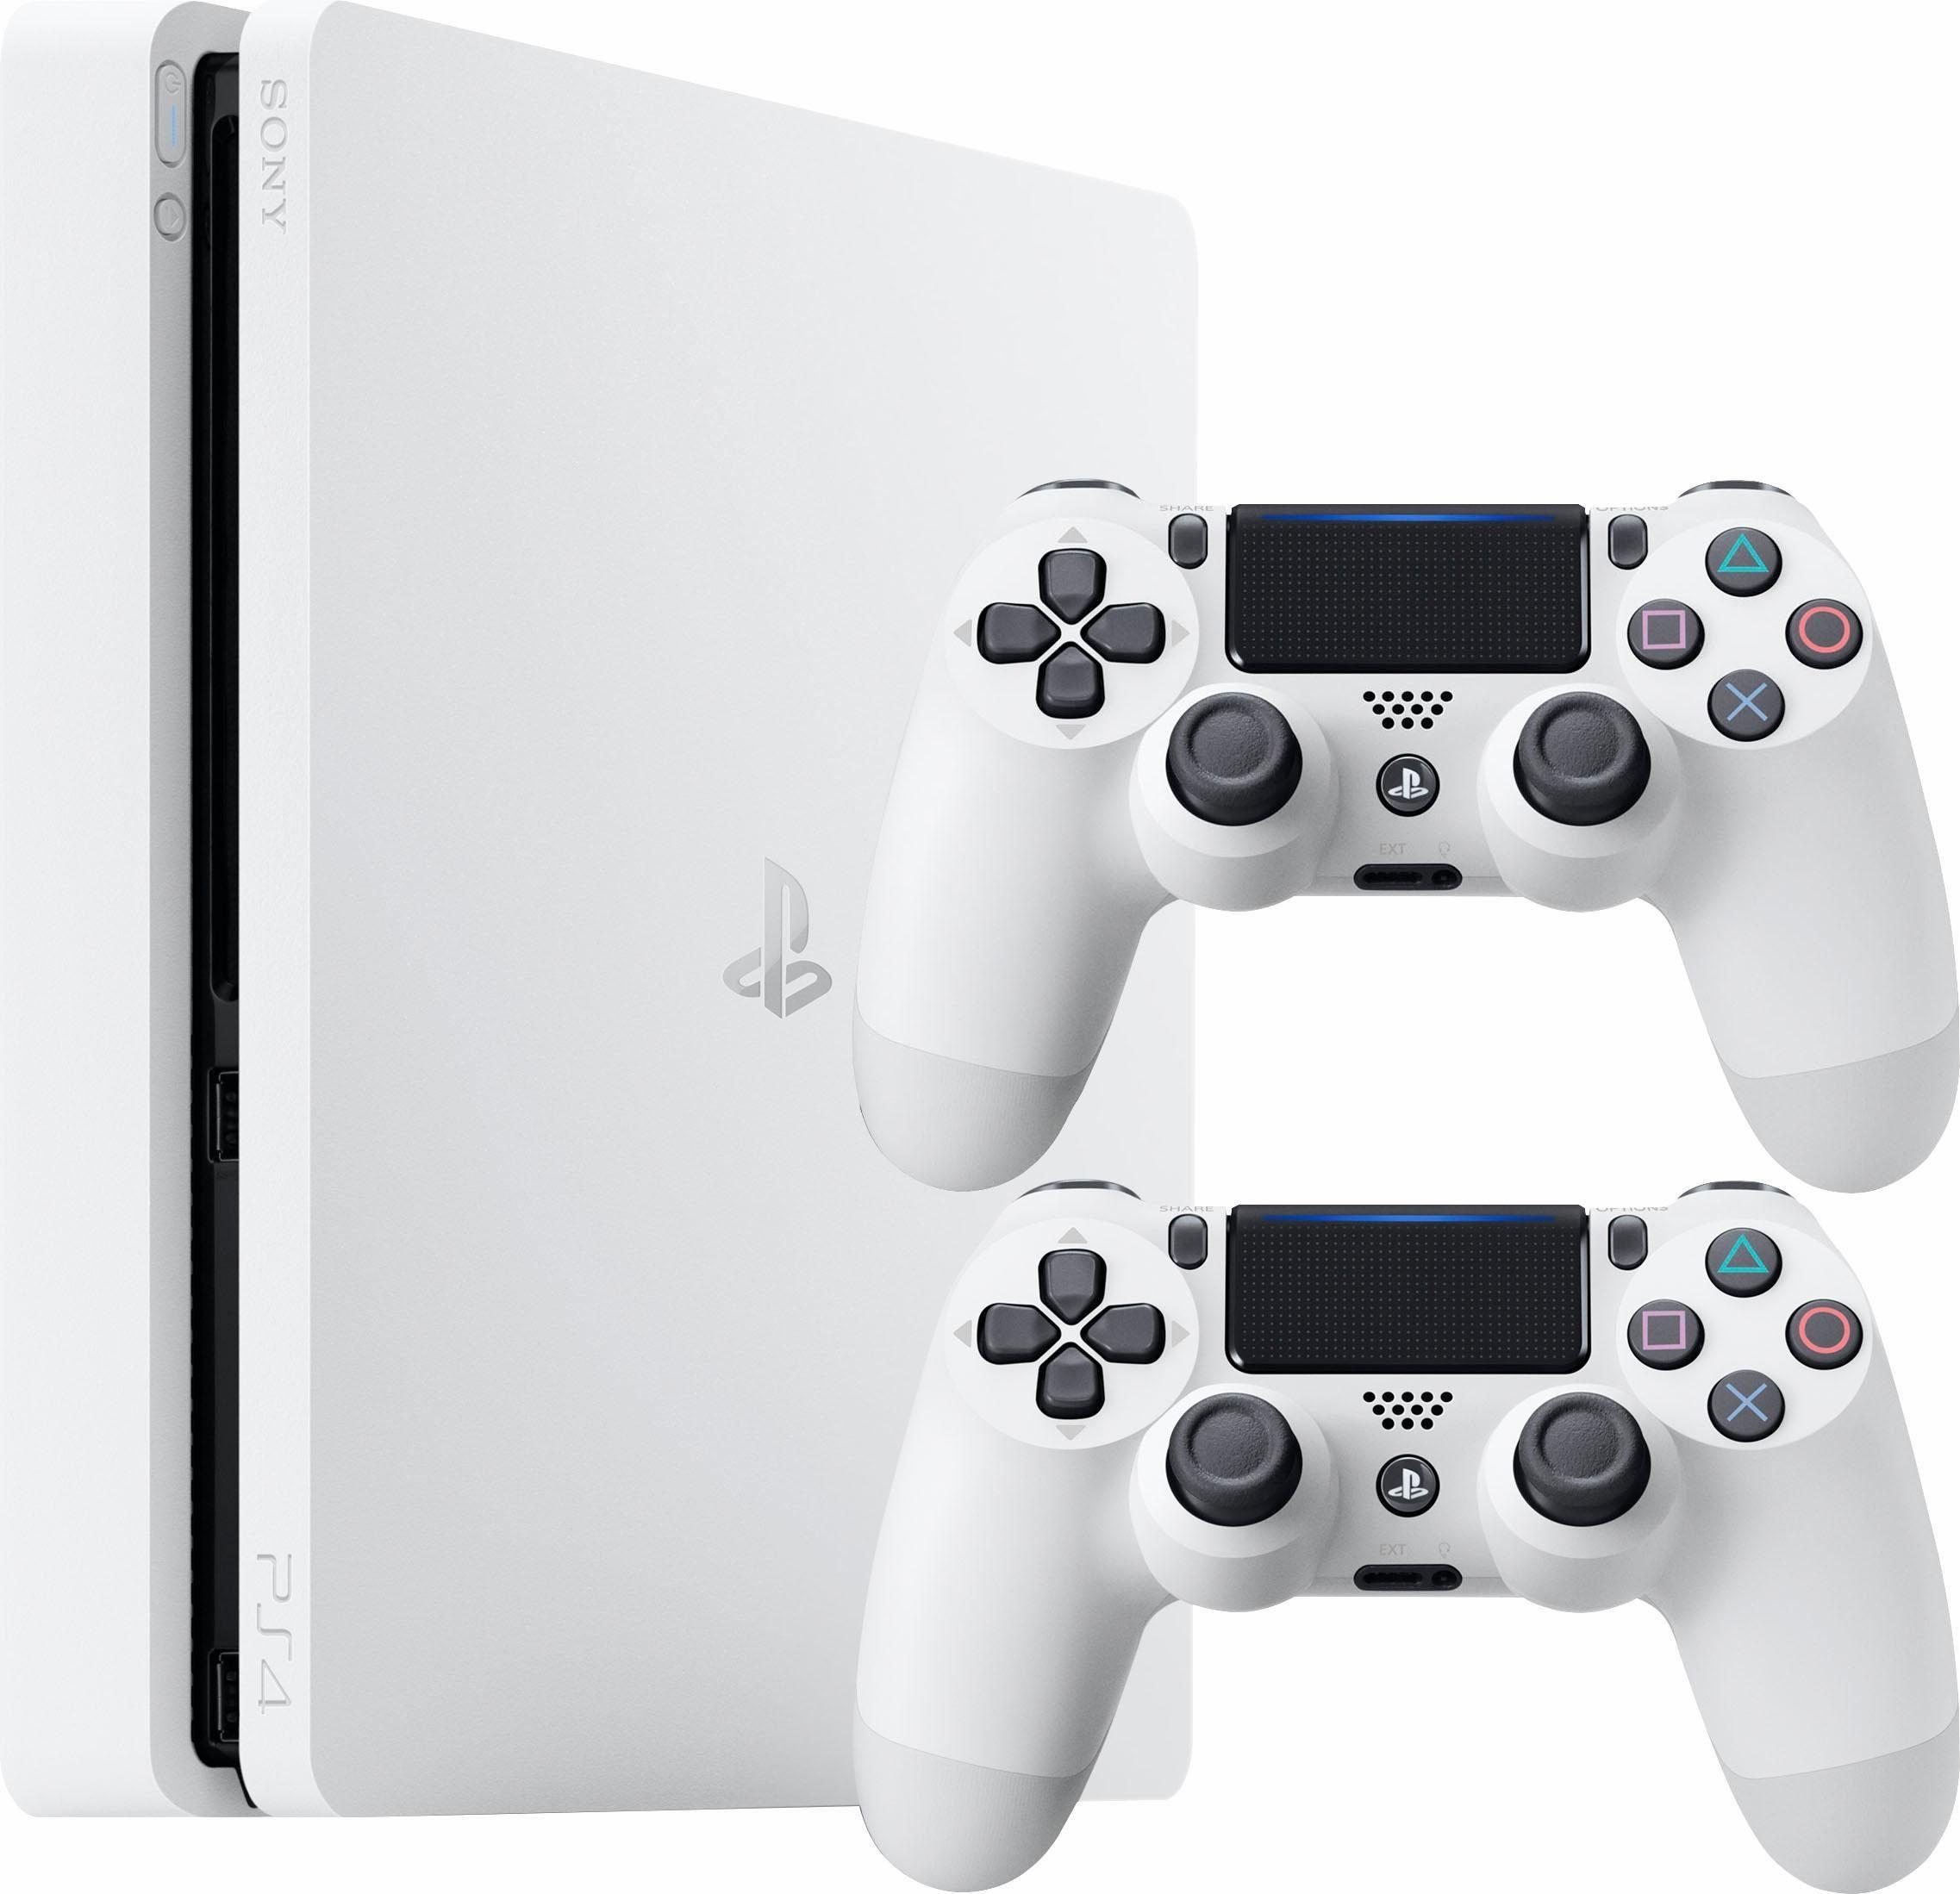 Playstation 4 + 2 Controller in weiß für 214,99€ oder Playstation 4 Pro weiß für 284,99€ (Quelle)